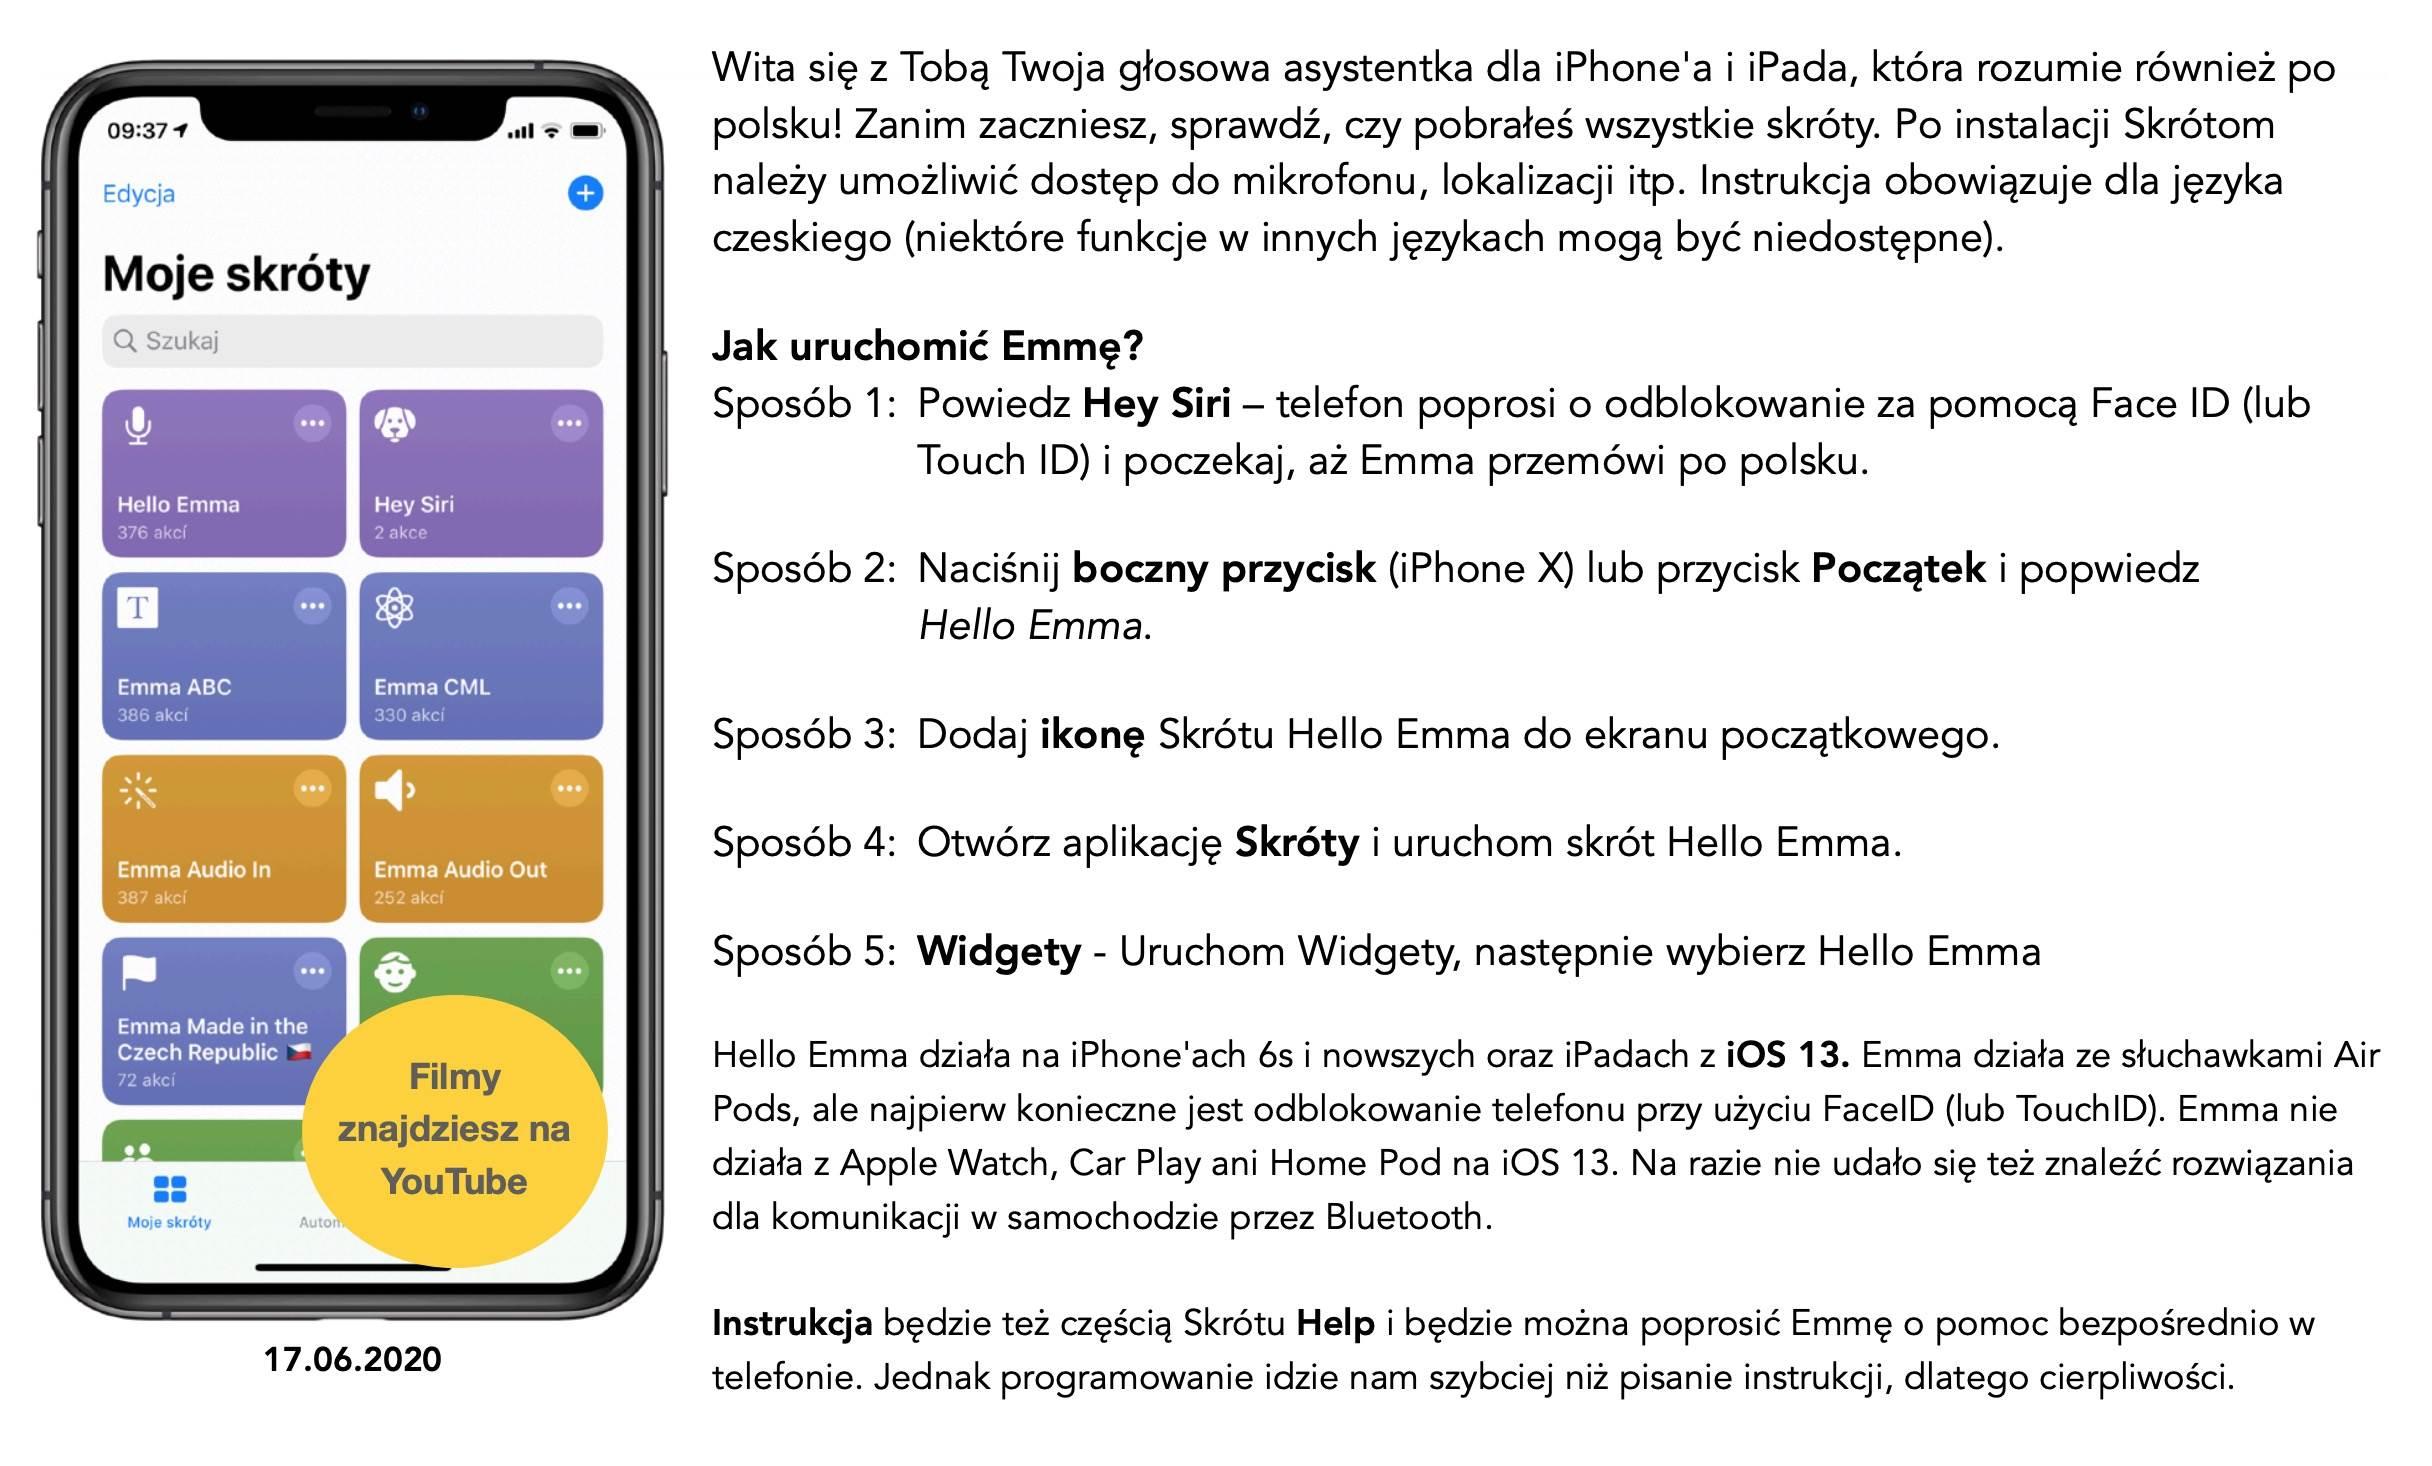 Czech nauczył mówić iPhone?a po polsku. Oto Emma - darmowy odpowiednik Siri polecane, ciekawostki Wideo, polski odpowiednik siri, Hello Emma, Emma na iPhone, Emma, czech nauczyl mowic iPhone po polsku  Jeśli znudziło się Wam czekanie na polską Siri, to już dziś możecie zainstalować w swoim iPhone, iPad Emmę, czyli darmowy i znacznie lepszy odpowiednik Siri - tej od Apple. 1@2x 34